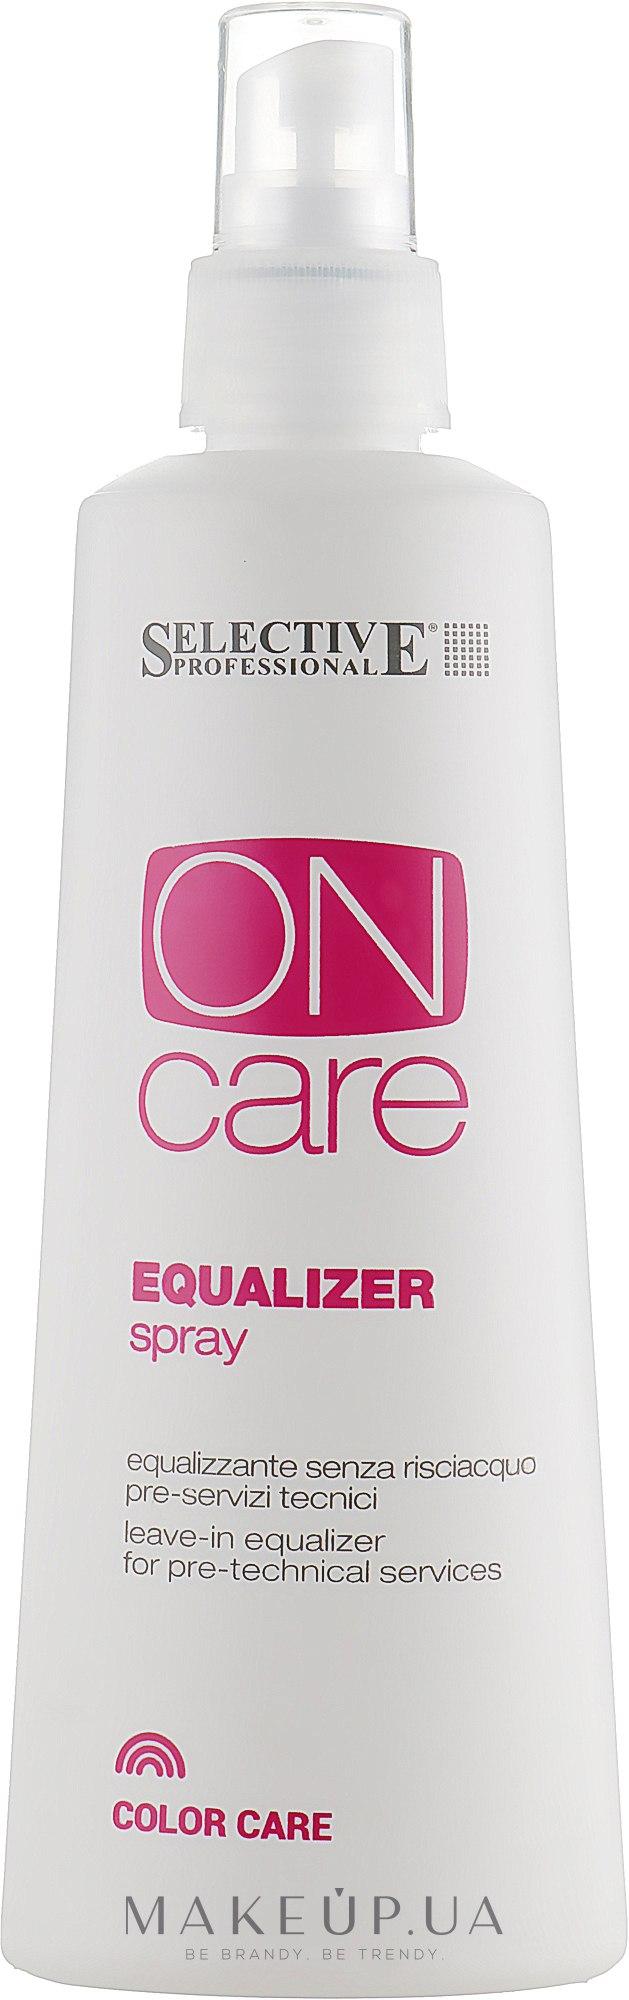 Спрей для выравнивания кутикулы - Selective Professional On Care Equalizer Spray — фото 250ml